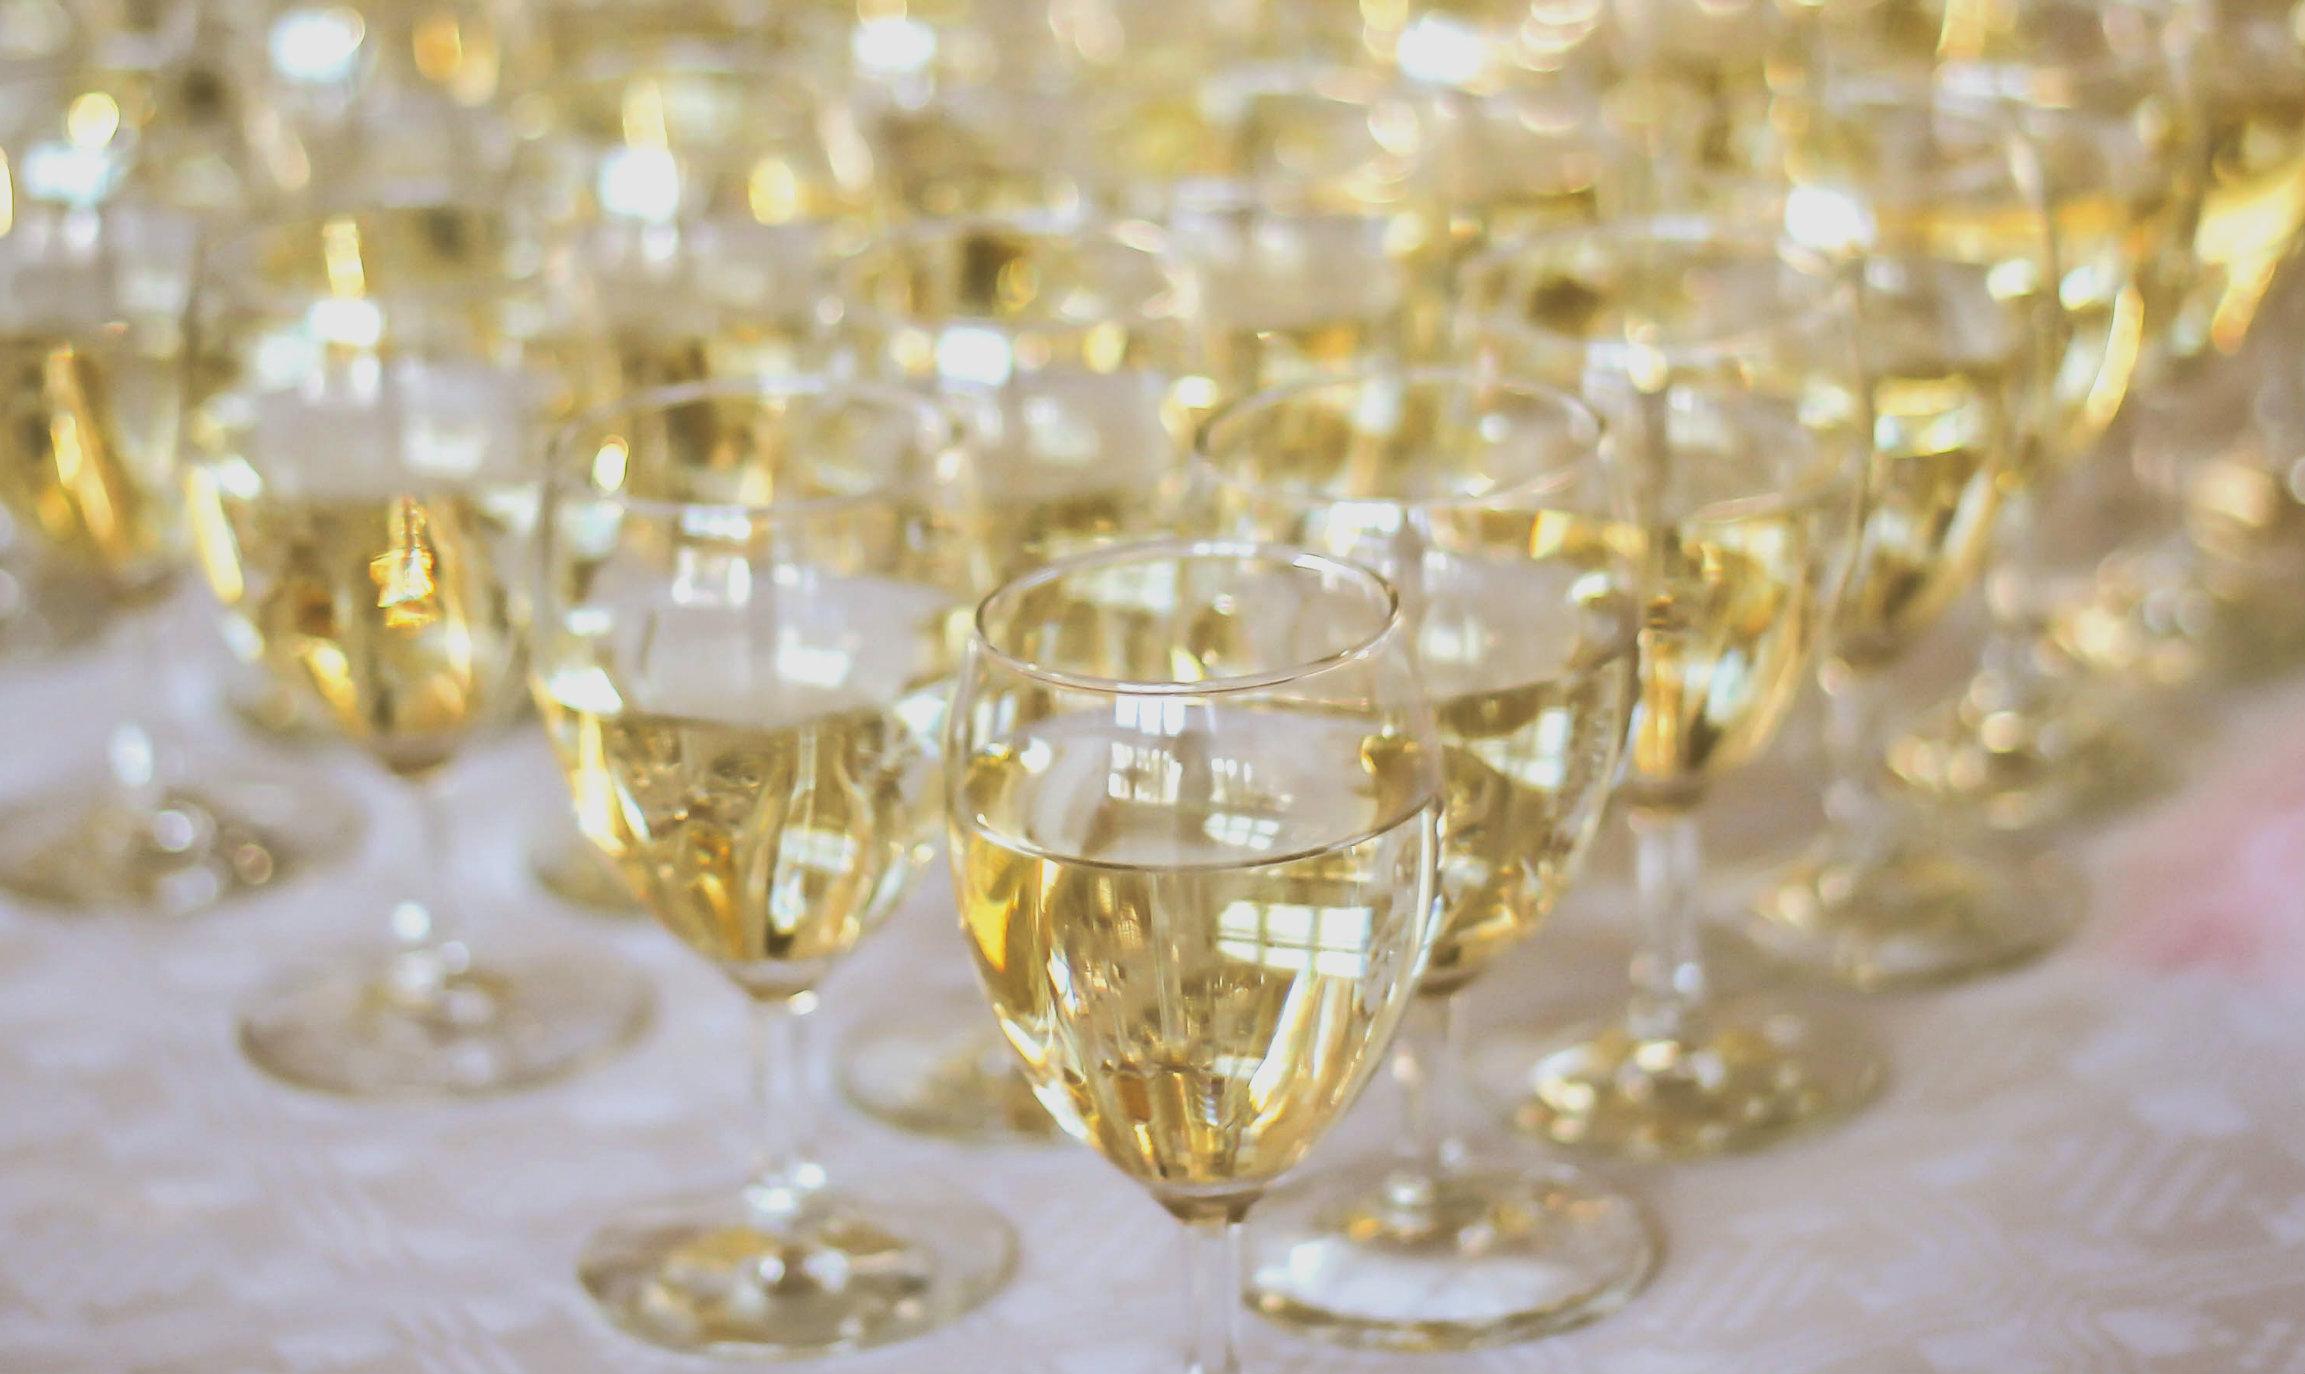 Vin til konfirmationen – hvidvin